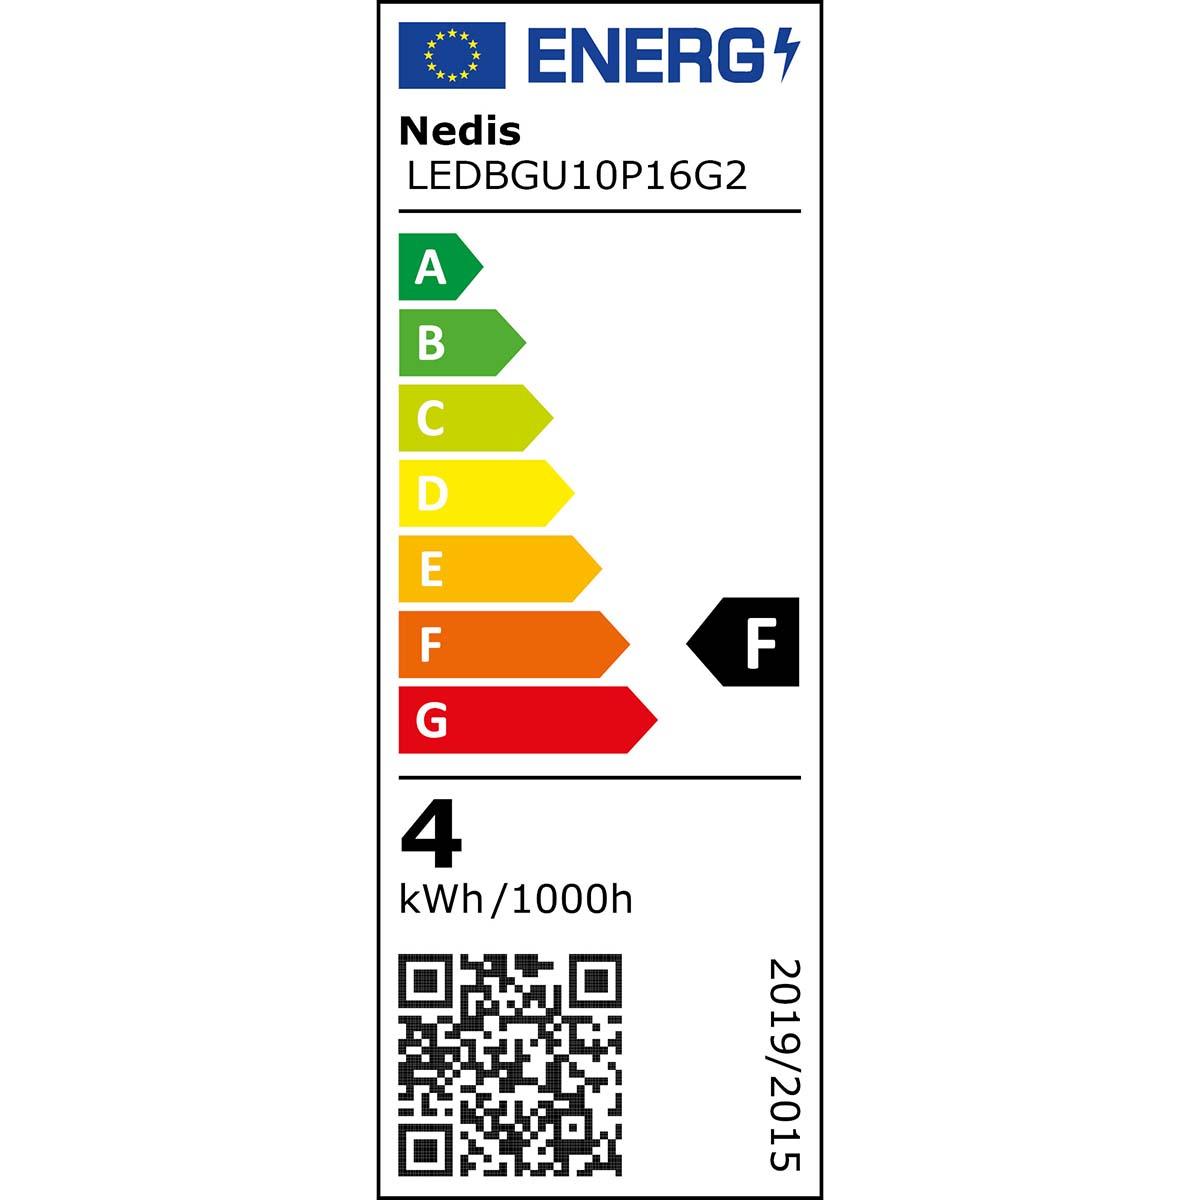 Nedis Lampe DEL GU10 par 16 4 W 230 lm 3 Pack ledbgu 10P163P1 Ampoule